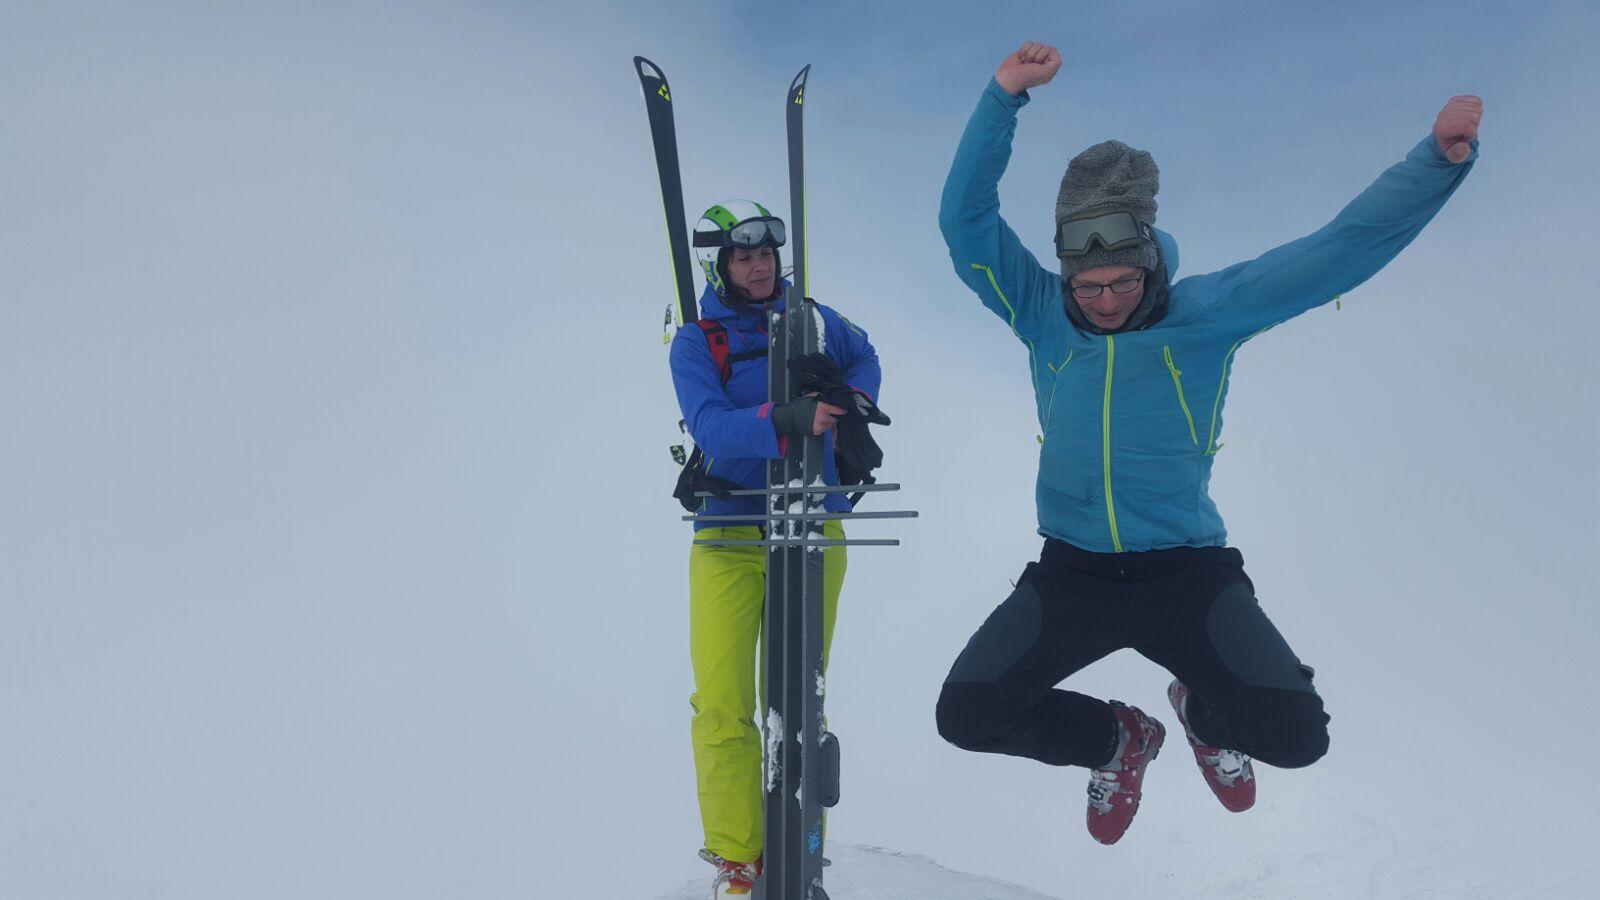 Saisonstart im Ski-Mekka Obertauern - 16.-18.12.2016